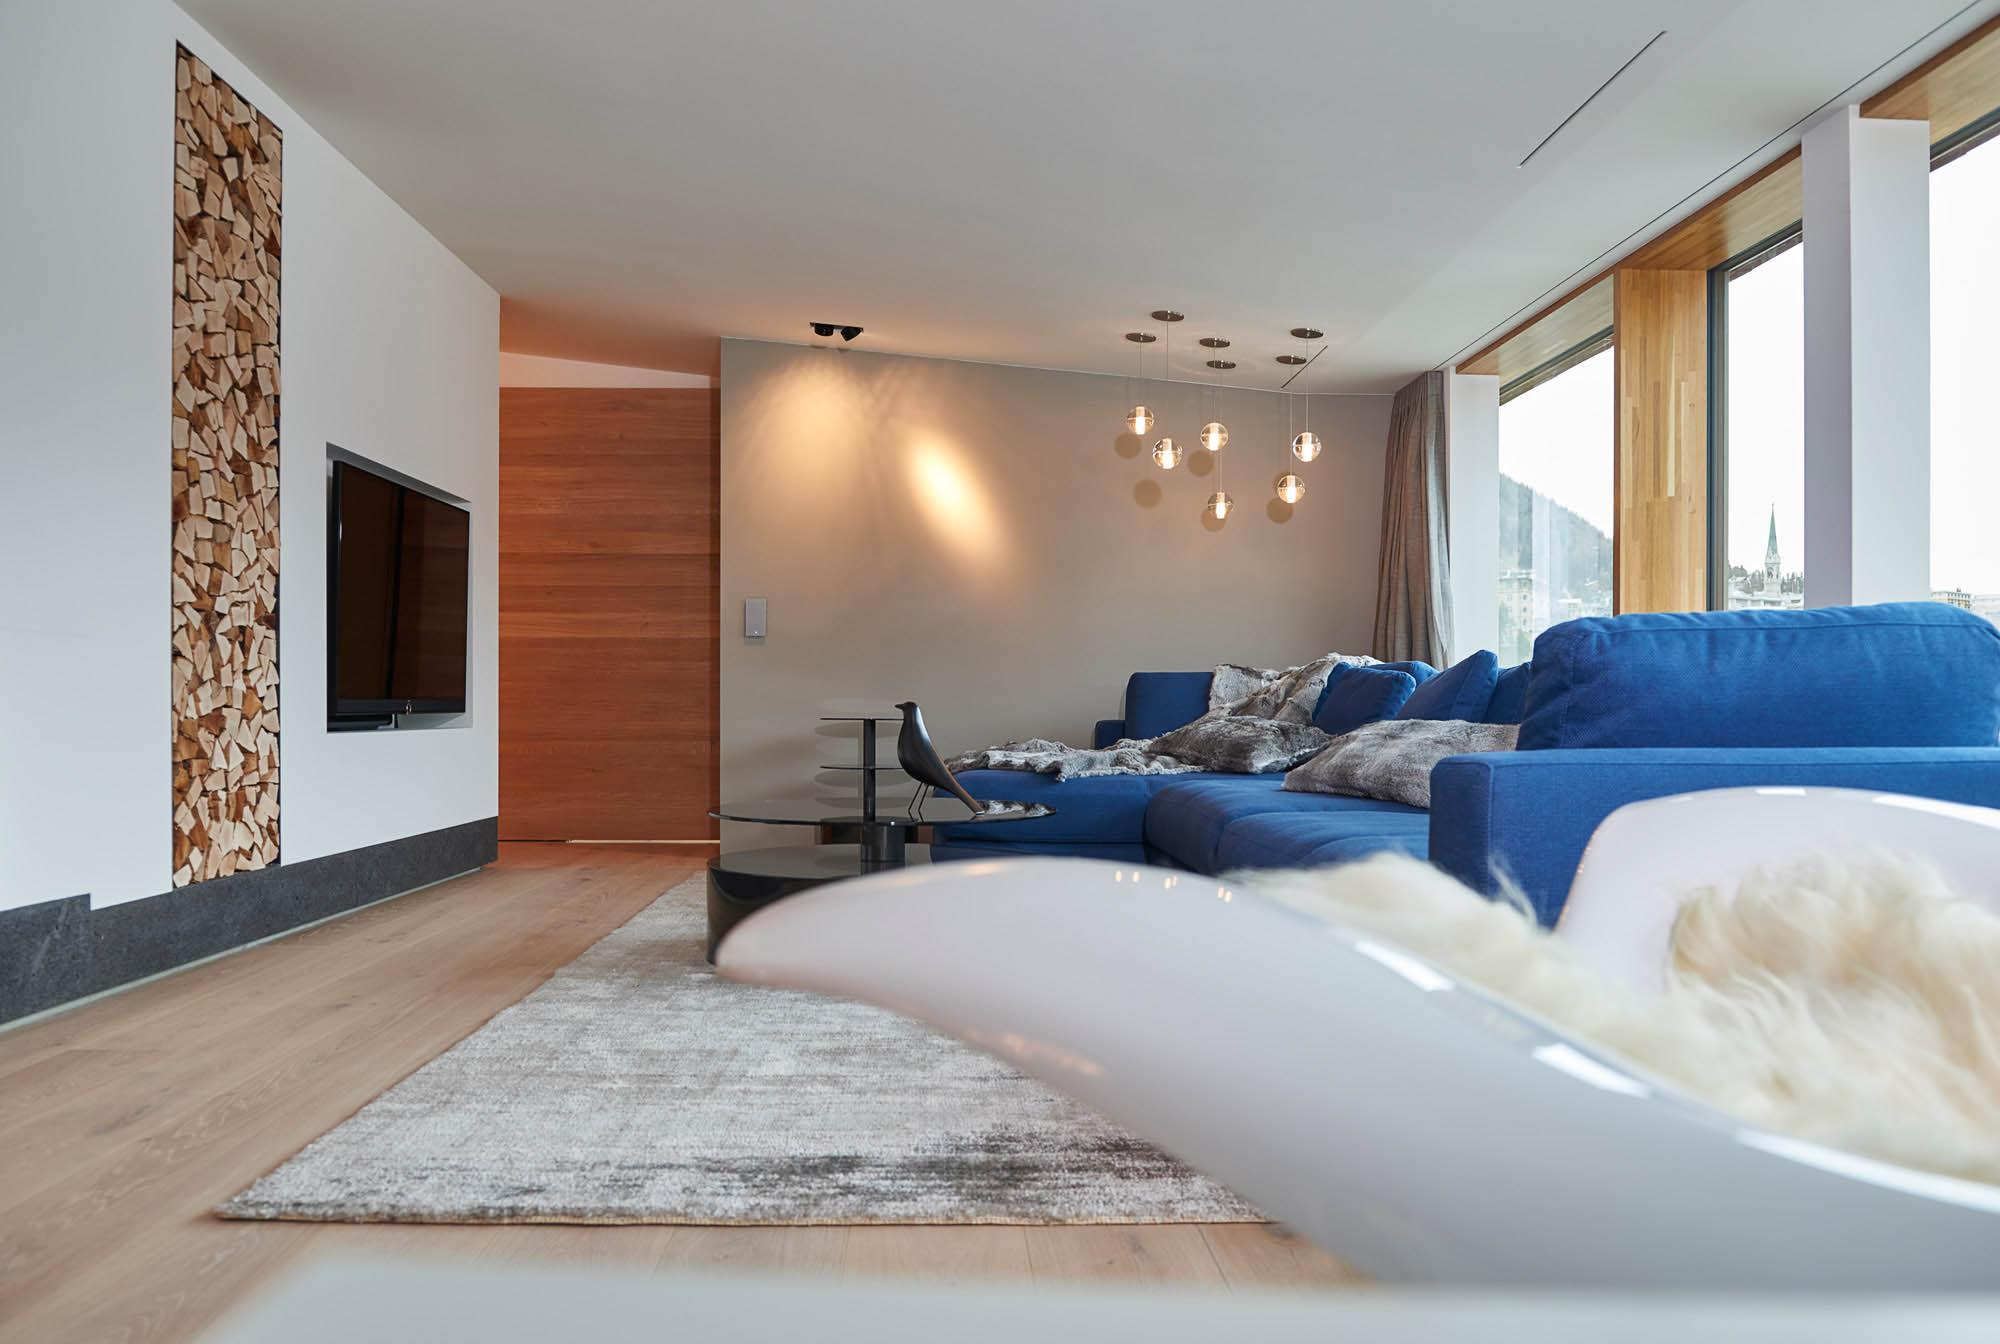 OPC 151128 0369 - Penthouse St. Moritz: Frisch eingerichtet, frisch abgelichtet